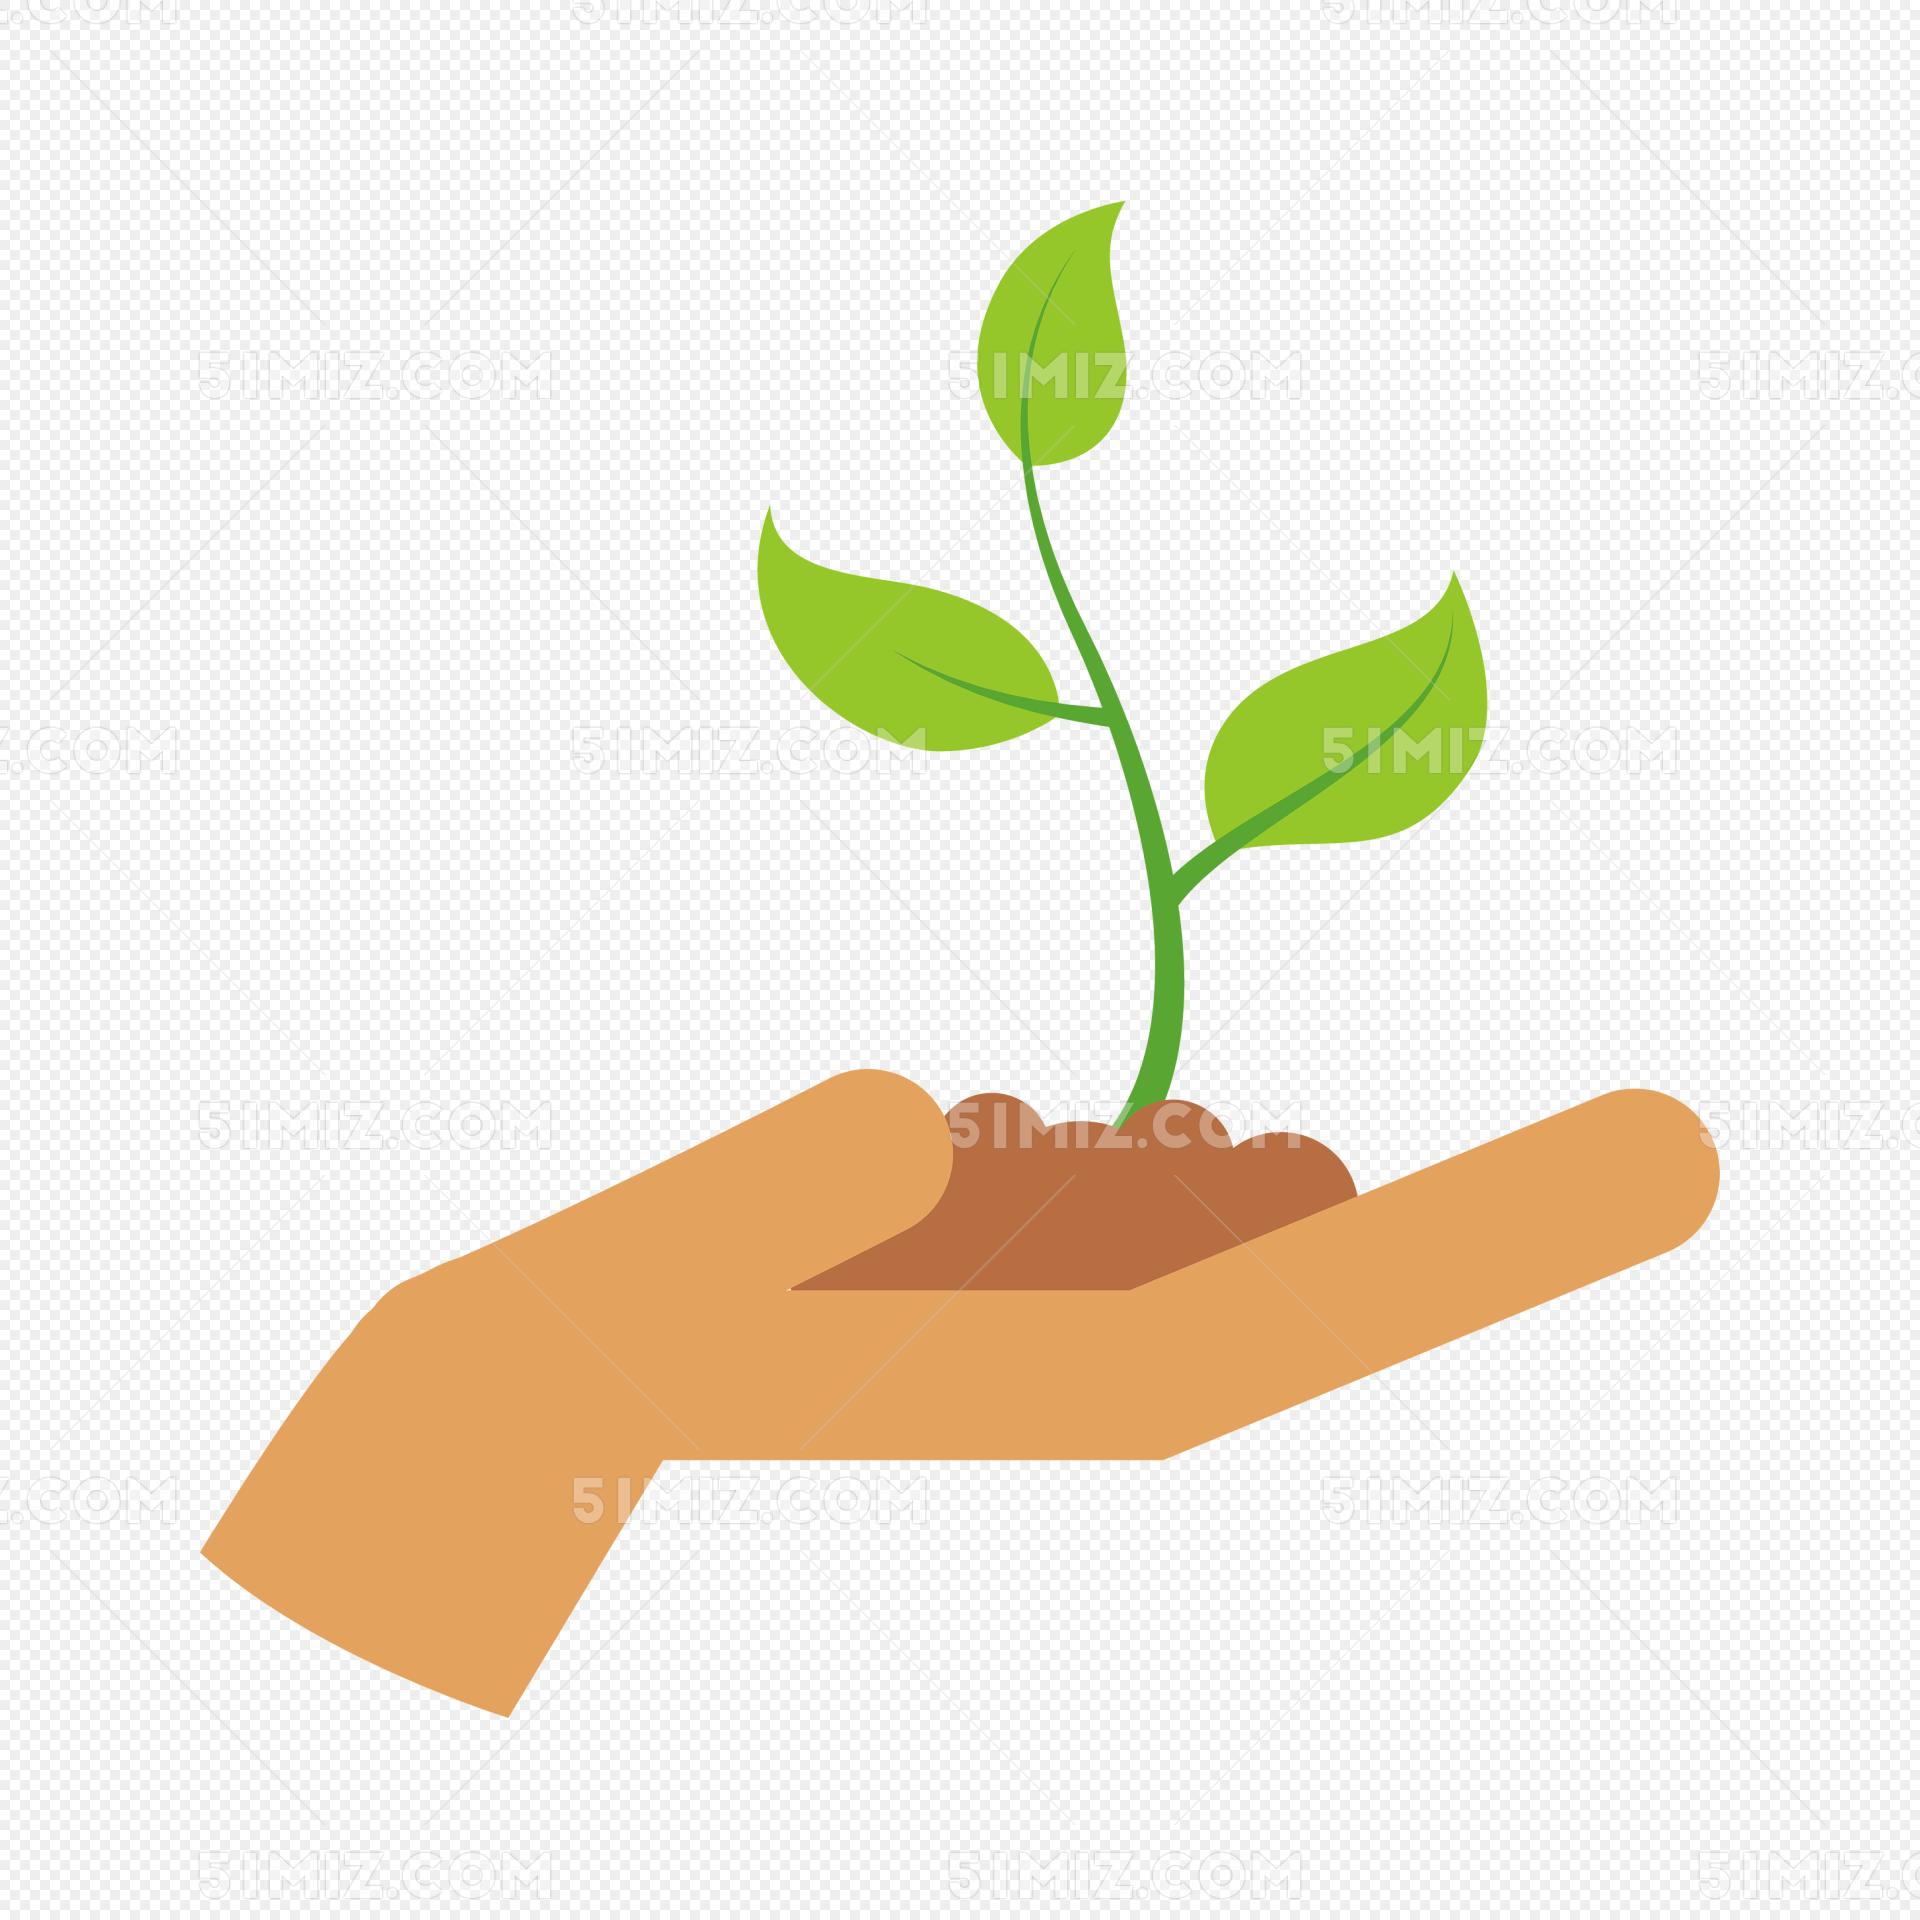 手托举树苗能源标志矢量图